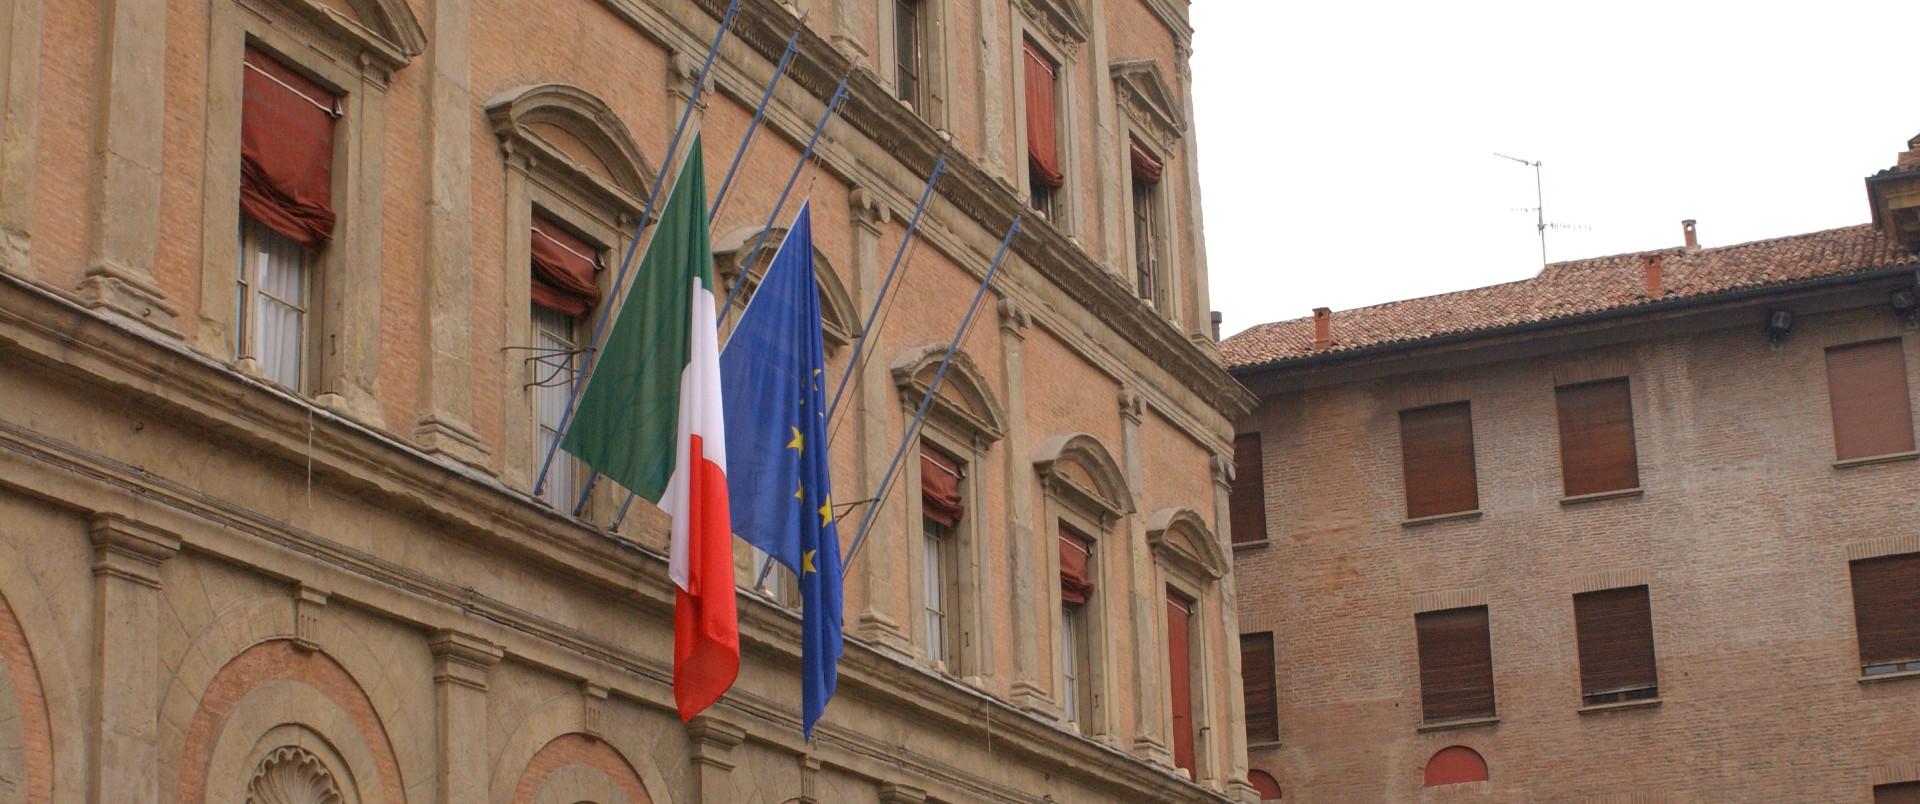 Palazzo Malvezzi - Archivio Città metropolitana di Bologna